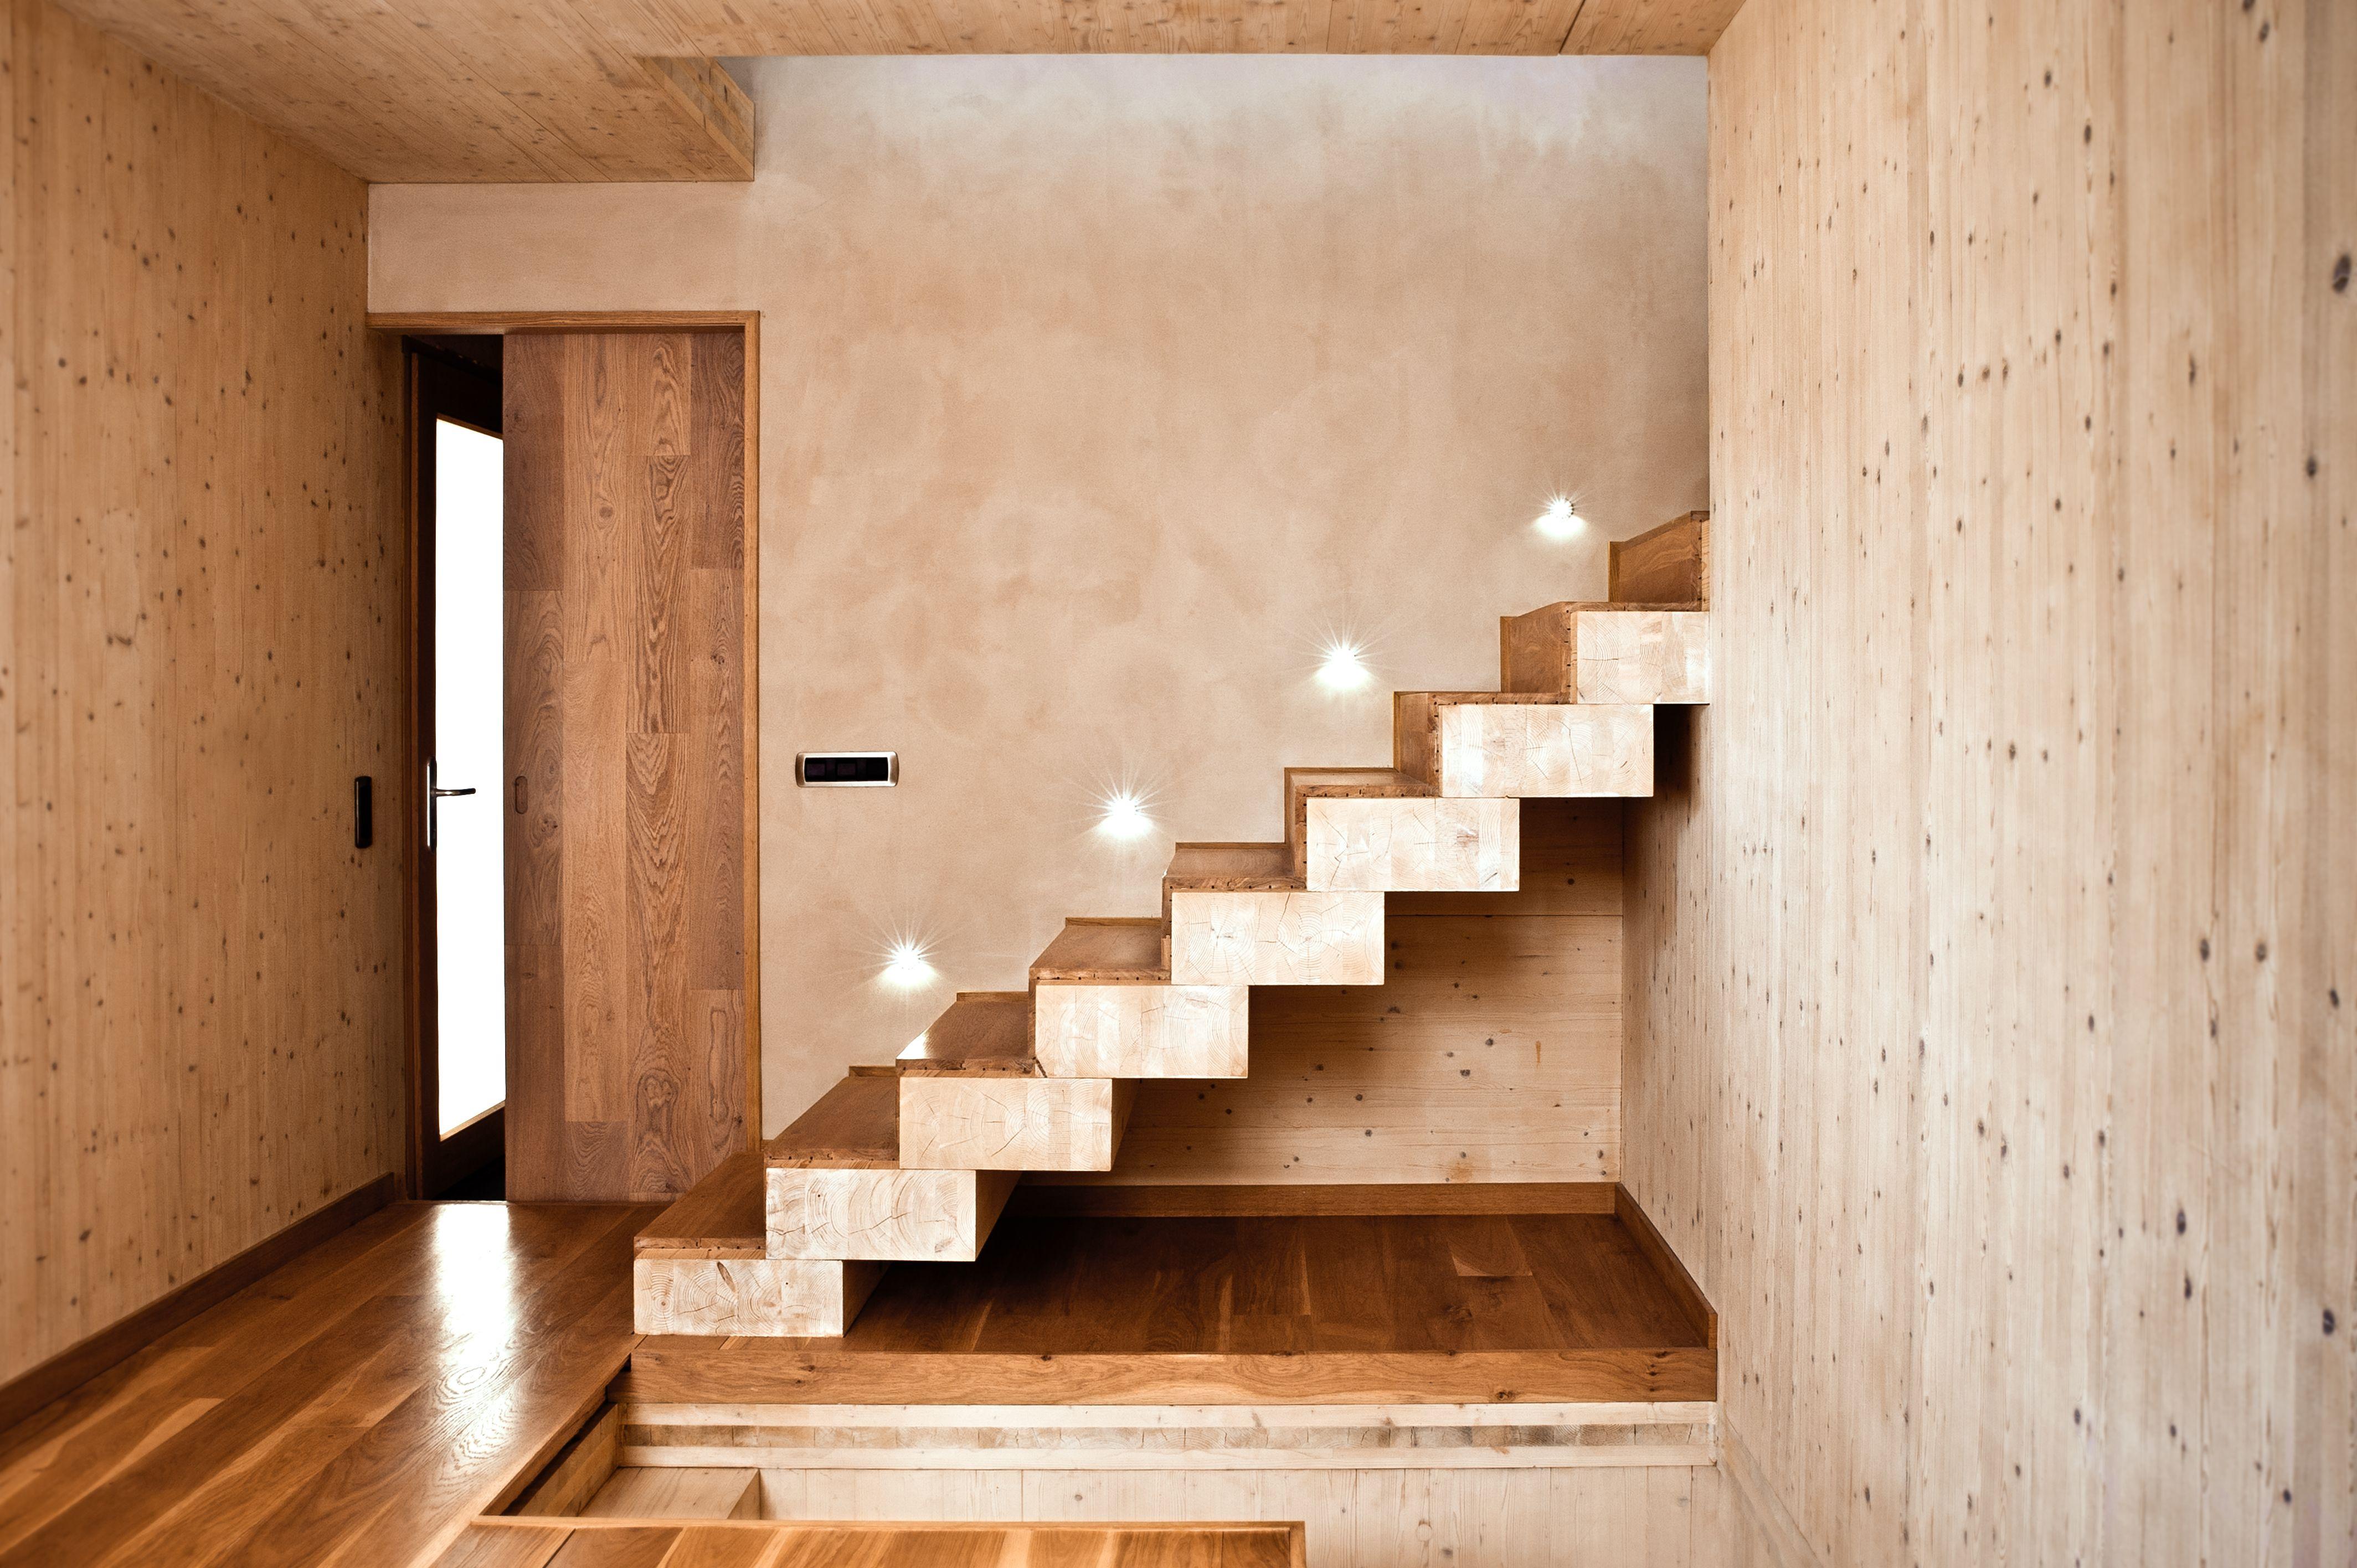 Escaleras escaleras pinterest escalera singular y - Revestimientos de interiores ...